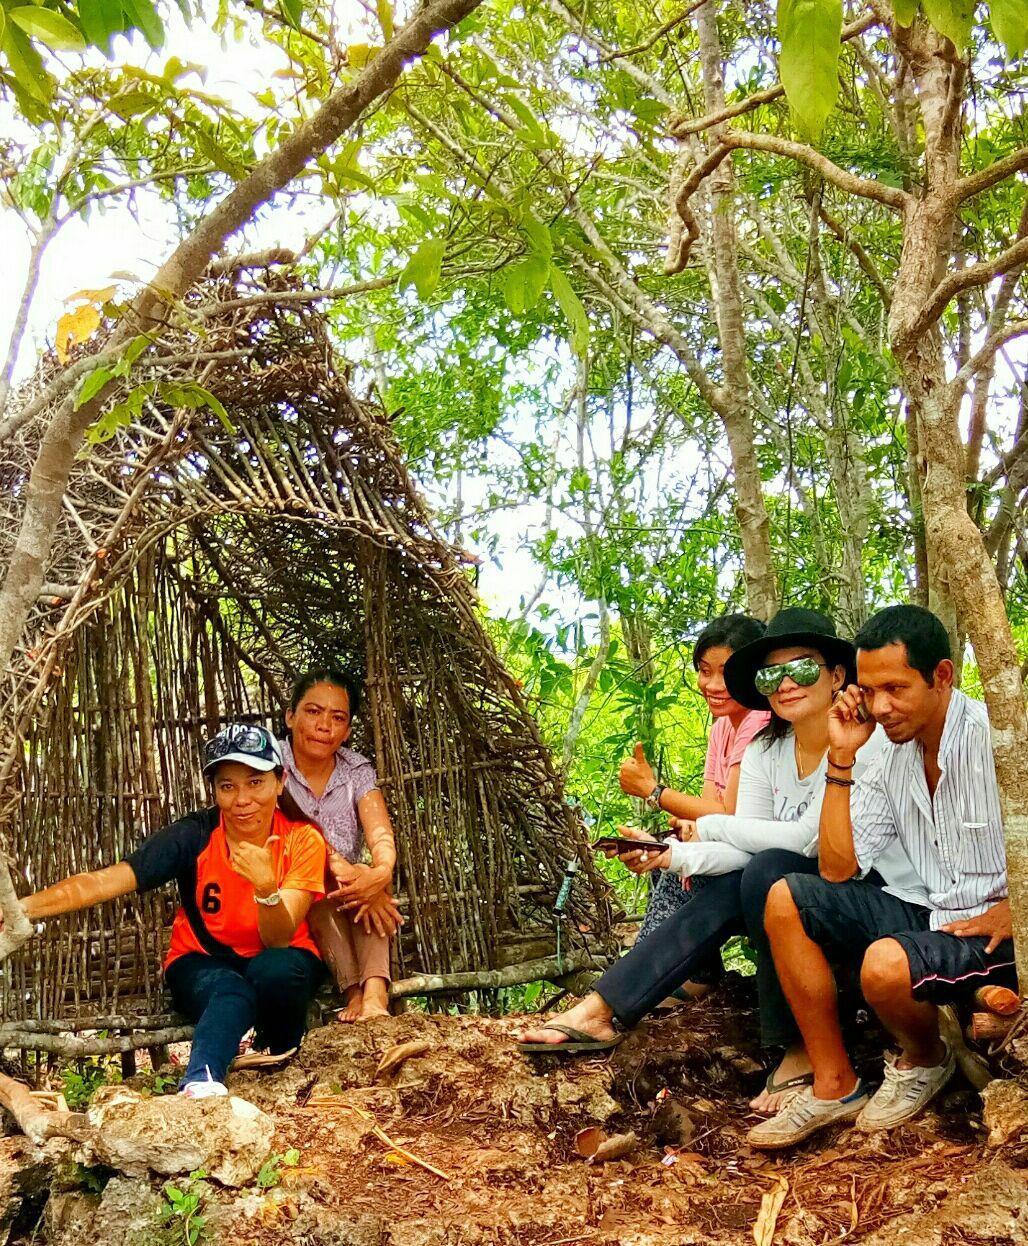 Rumah seribu ranting Puncak Baladewa